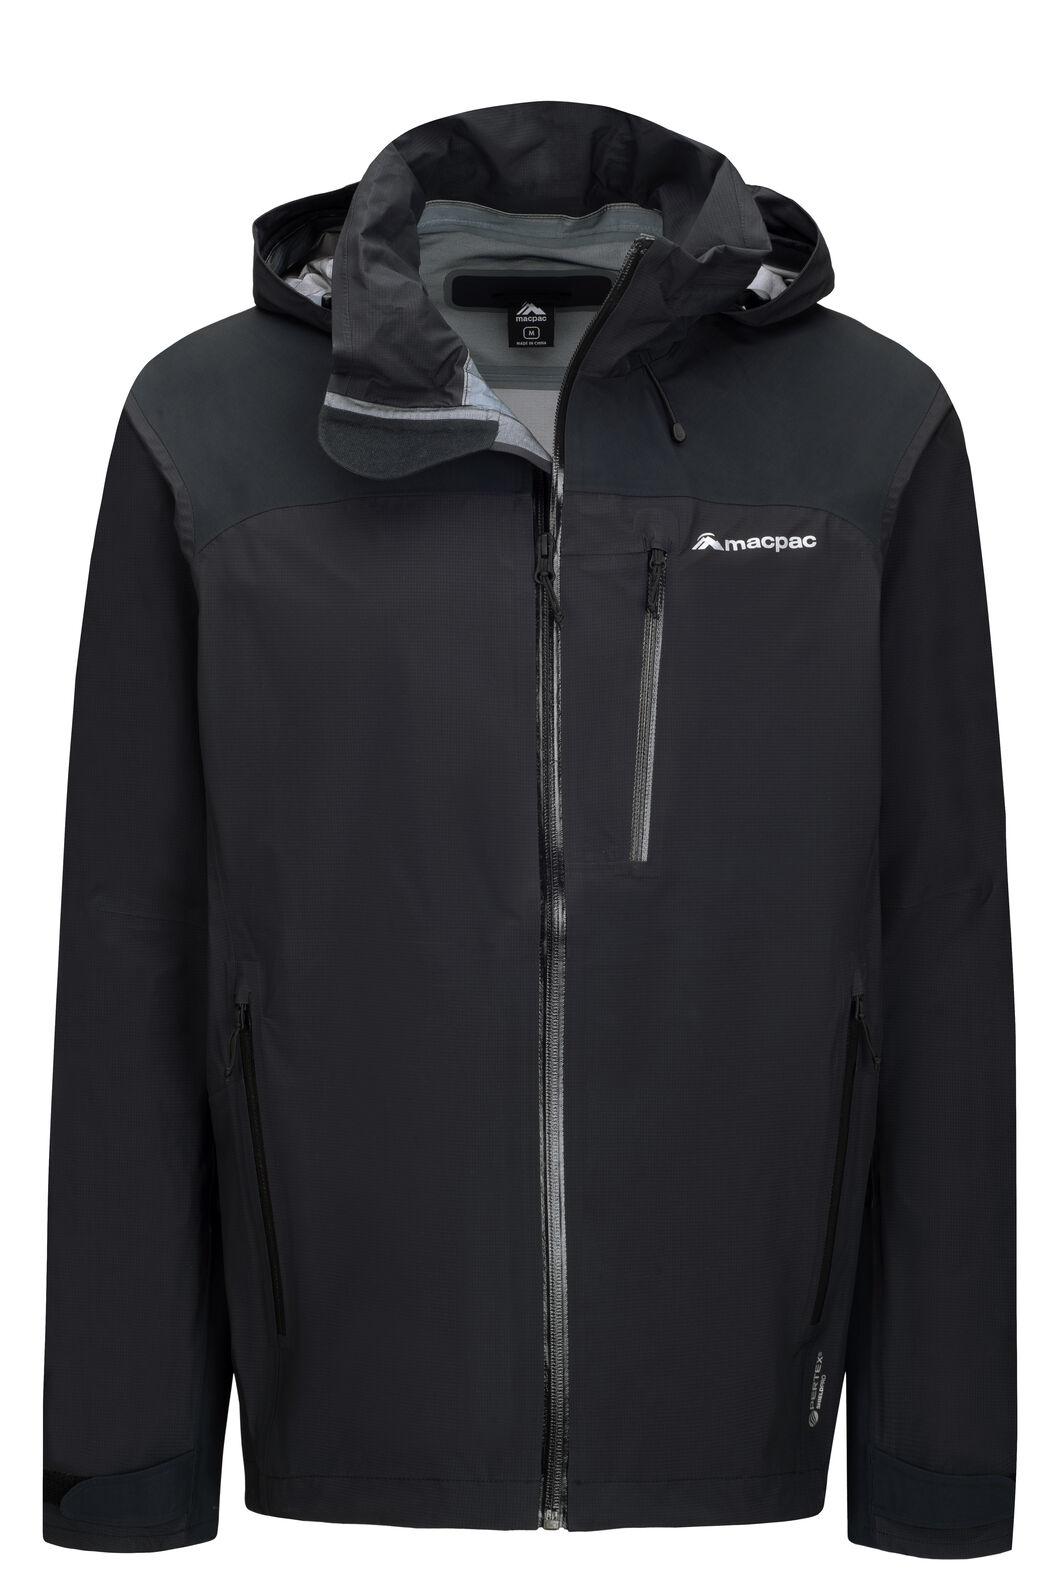 Macpac Men's Traverse Pertex® Rain Jacket, Black, hi-res